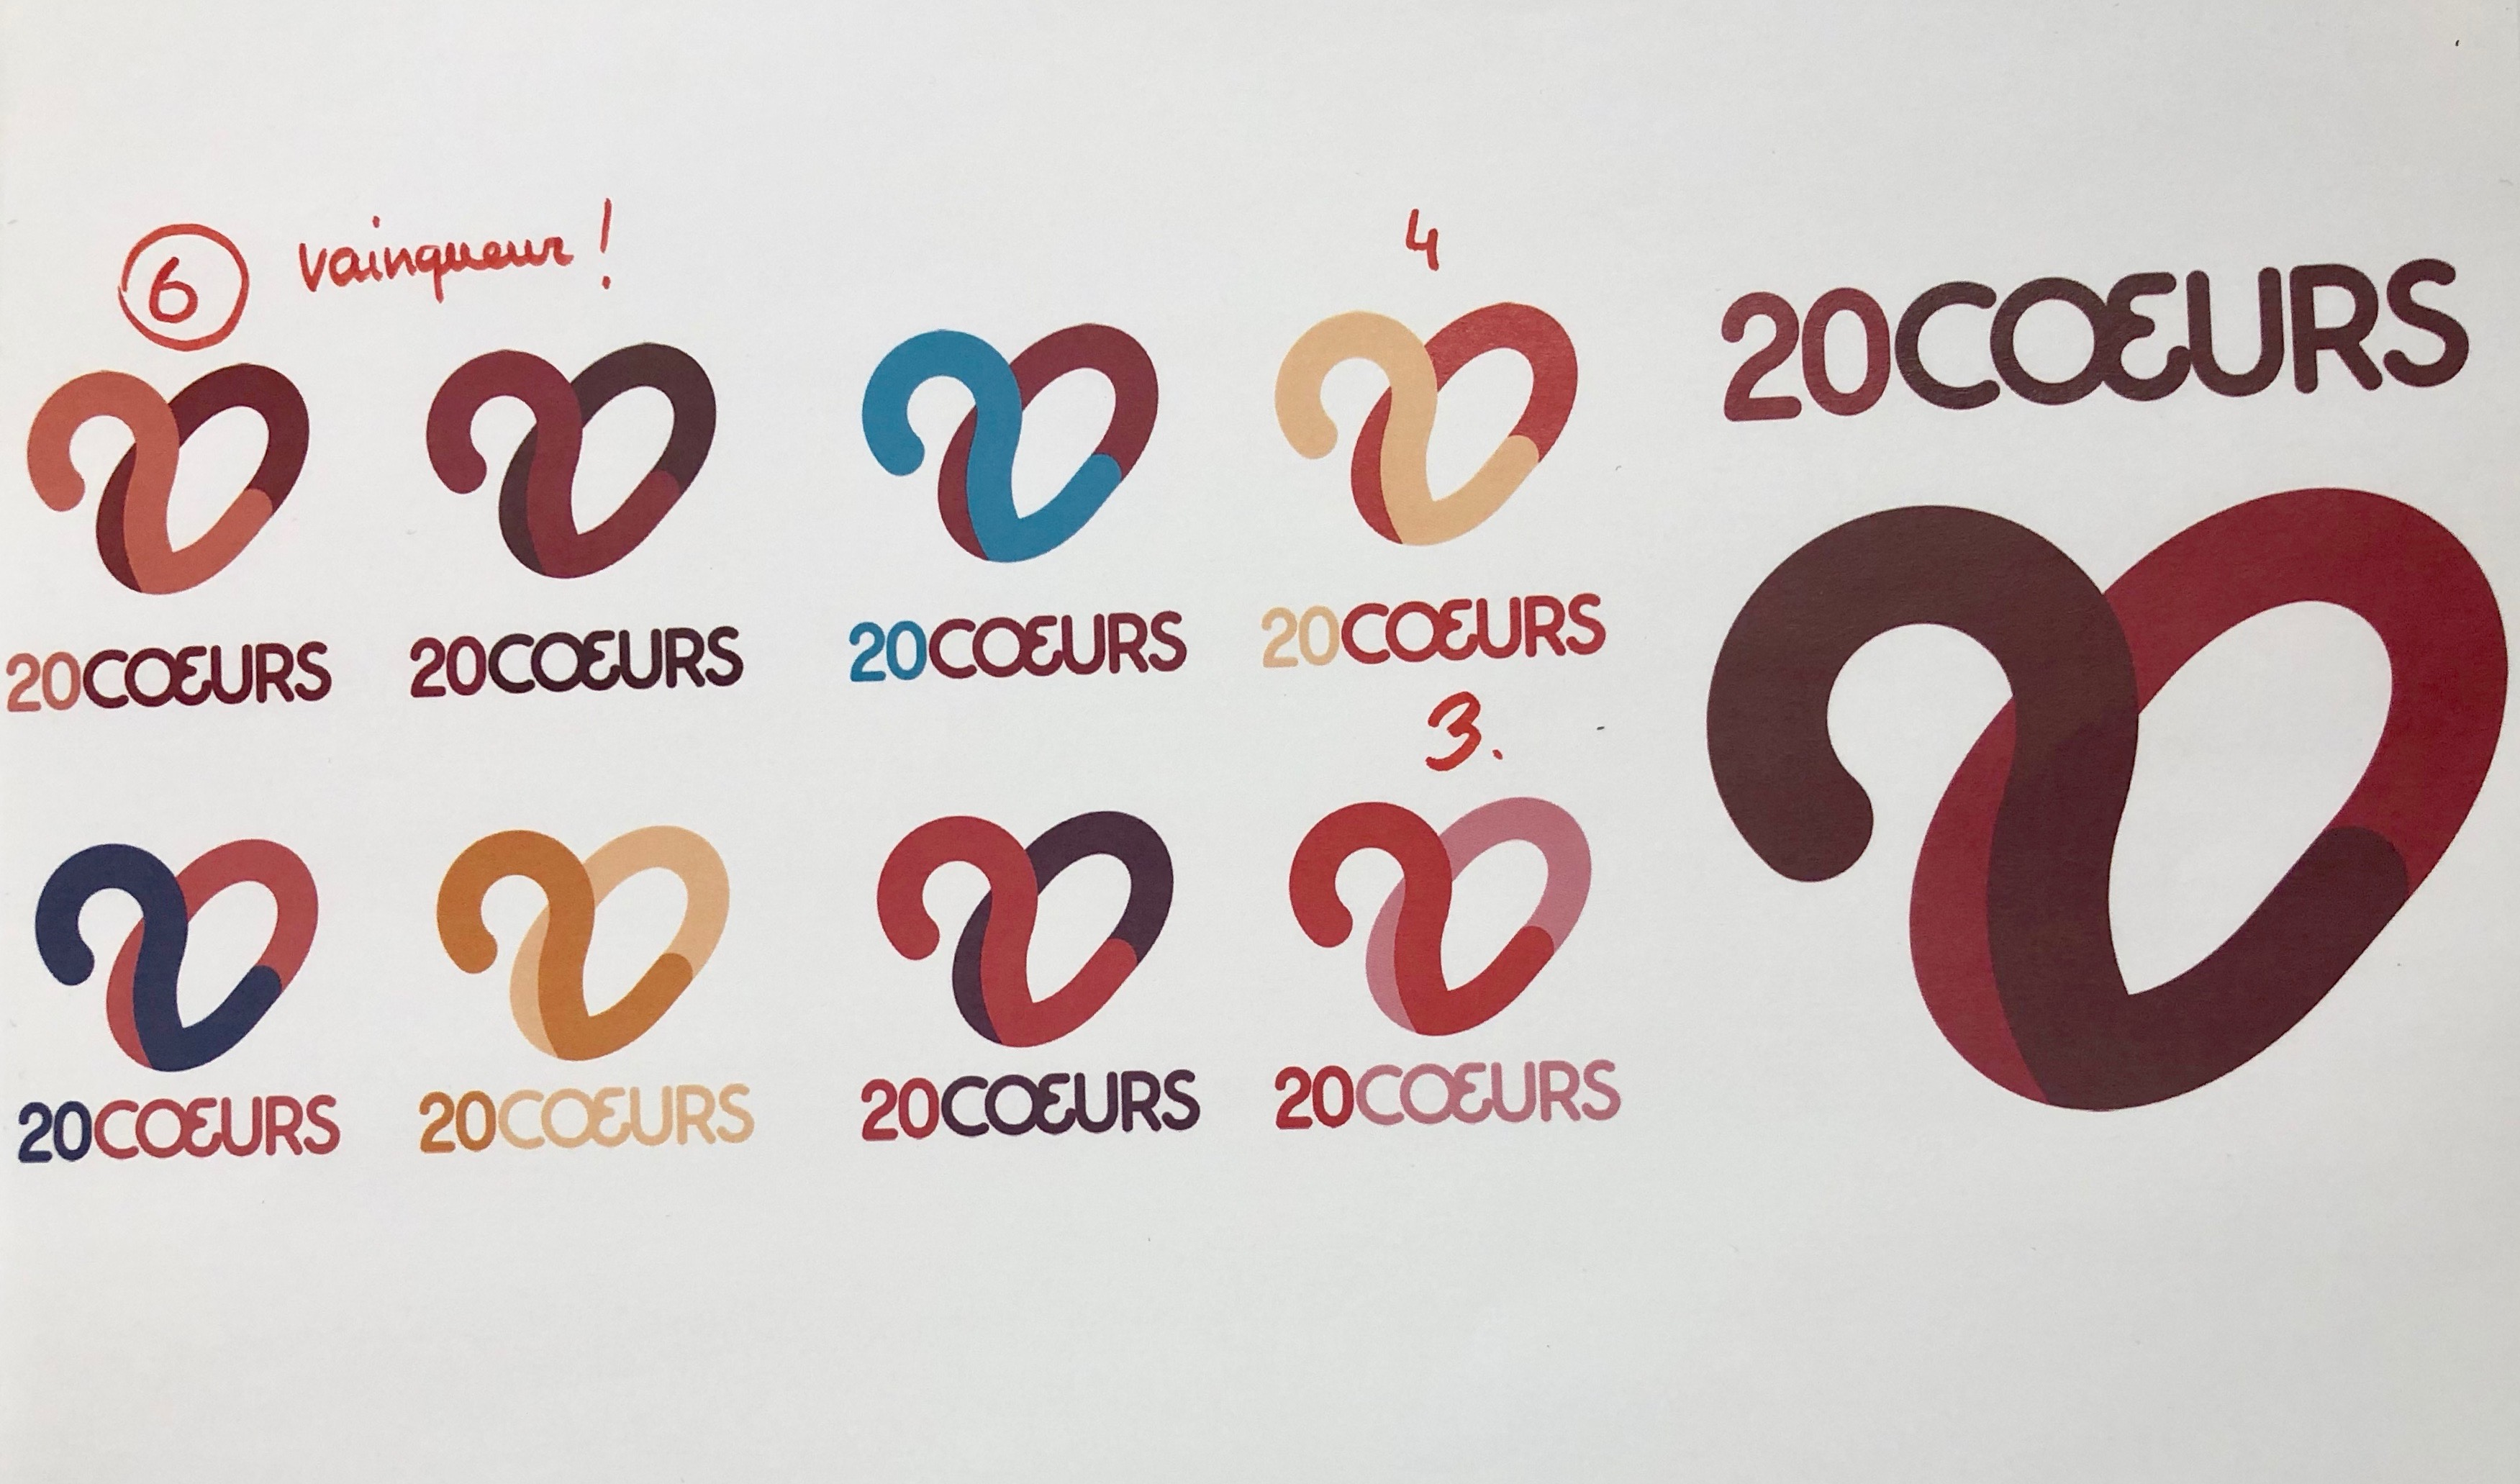 réflexion sur le logo